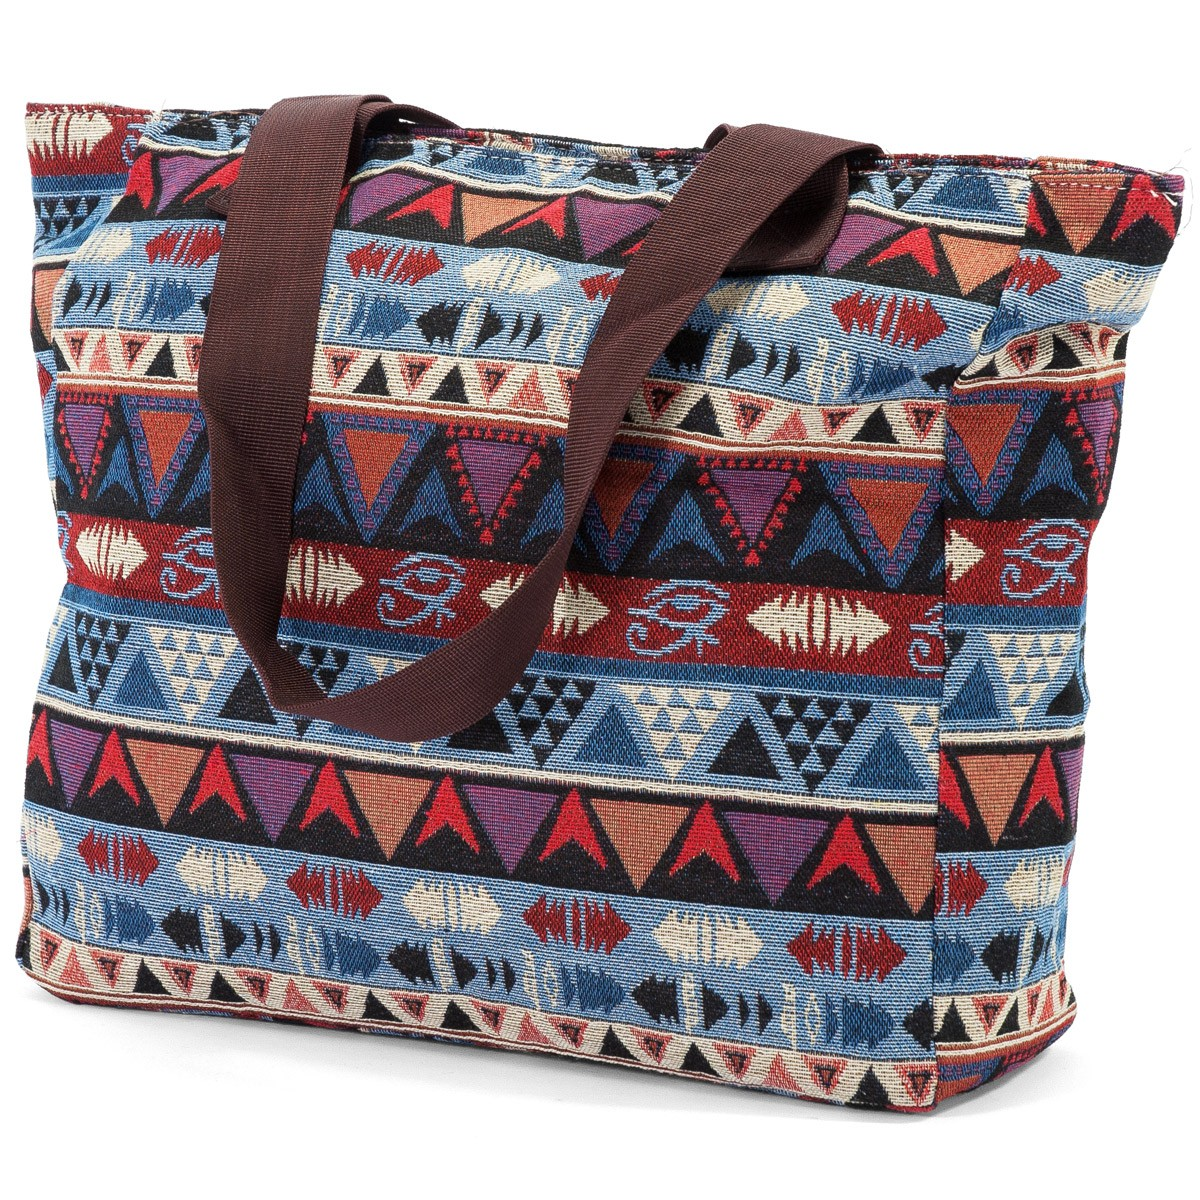 Τσάντα Παραλίας Benzi 5065 Col3 home   θαλάσσης   τσάντες θαλάσσης